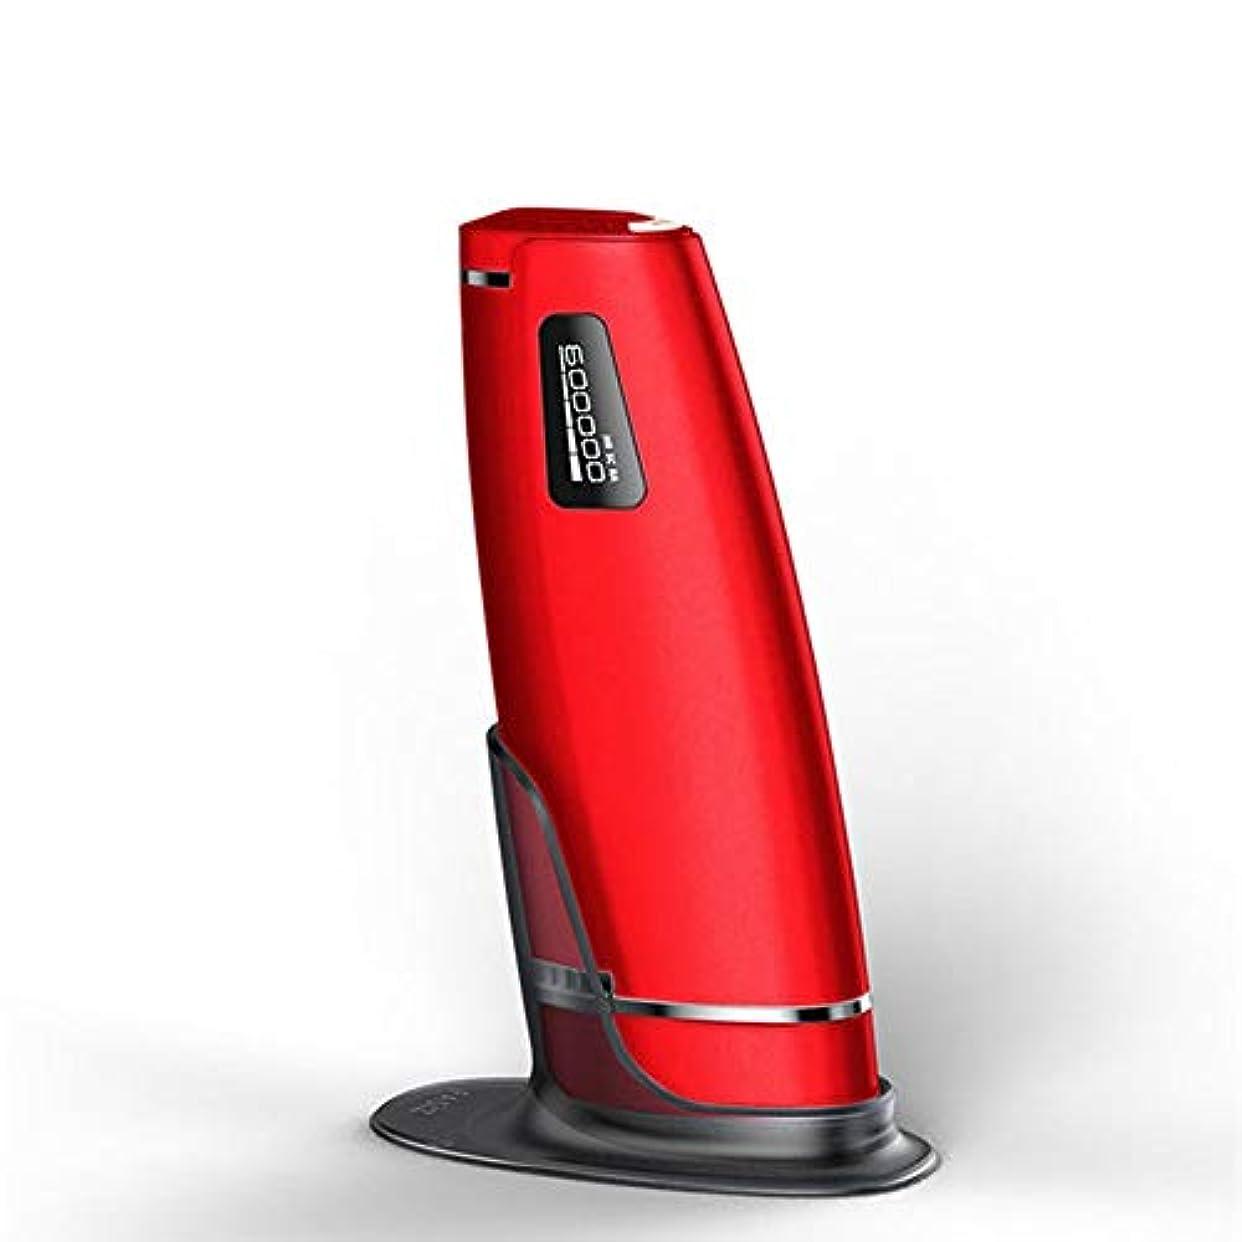 トレッドモジュールジョットディボンドン赤、デュアルモード、ホームオートマチック無痛脱毛剤、携帯用永久脱毛剤、5スピード調整、サイズ20.5 X 4.5 X 7 Cm 髪以外はきれい (Color : Red)